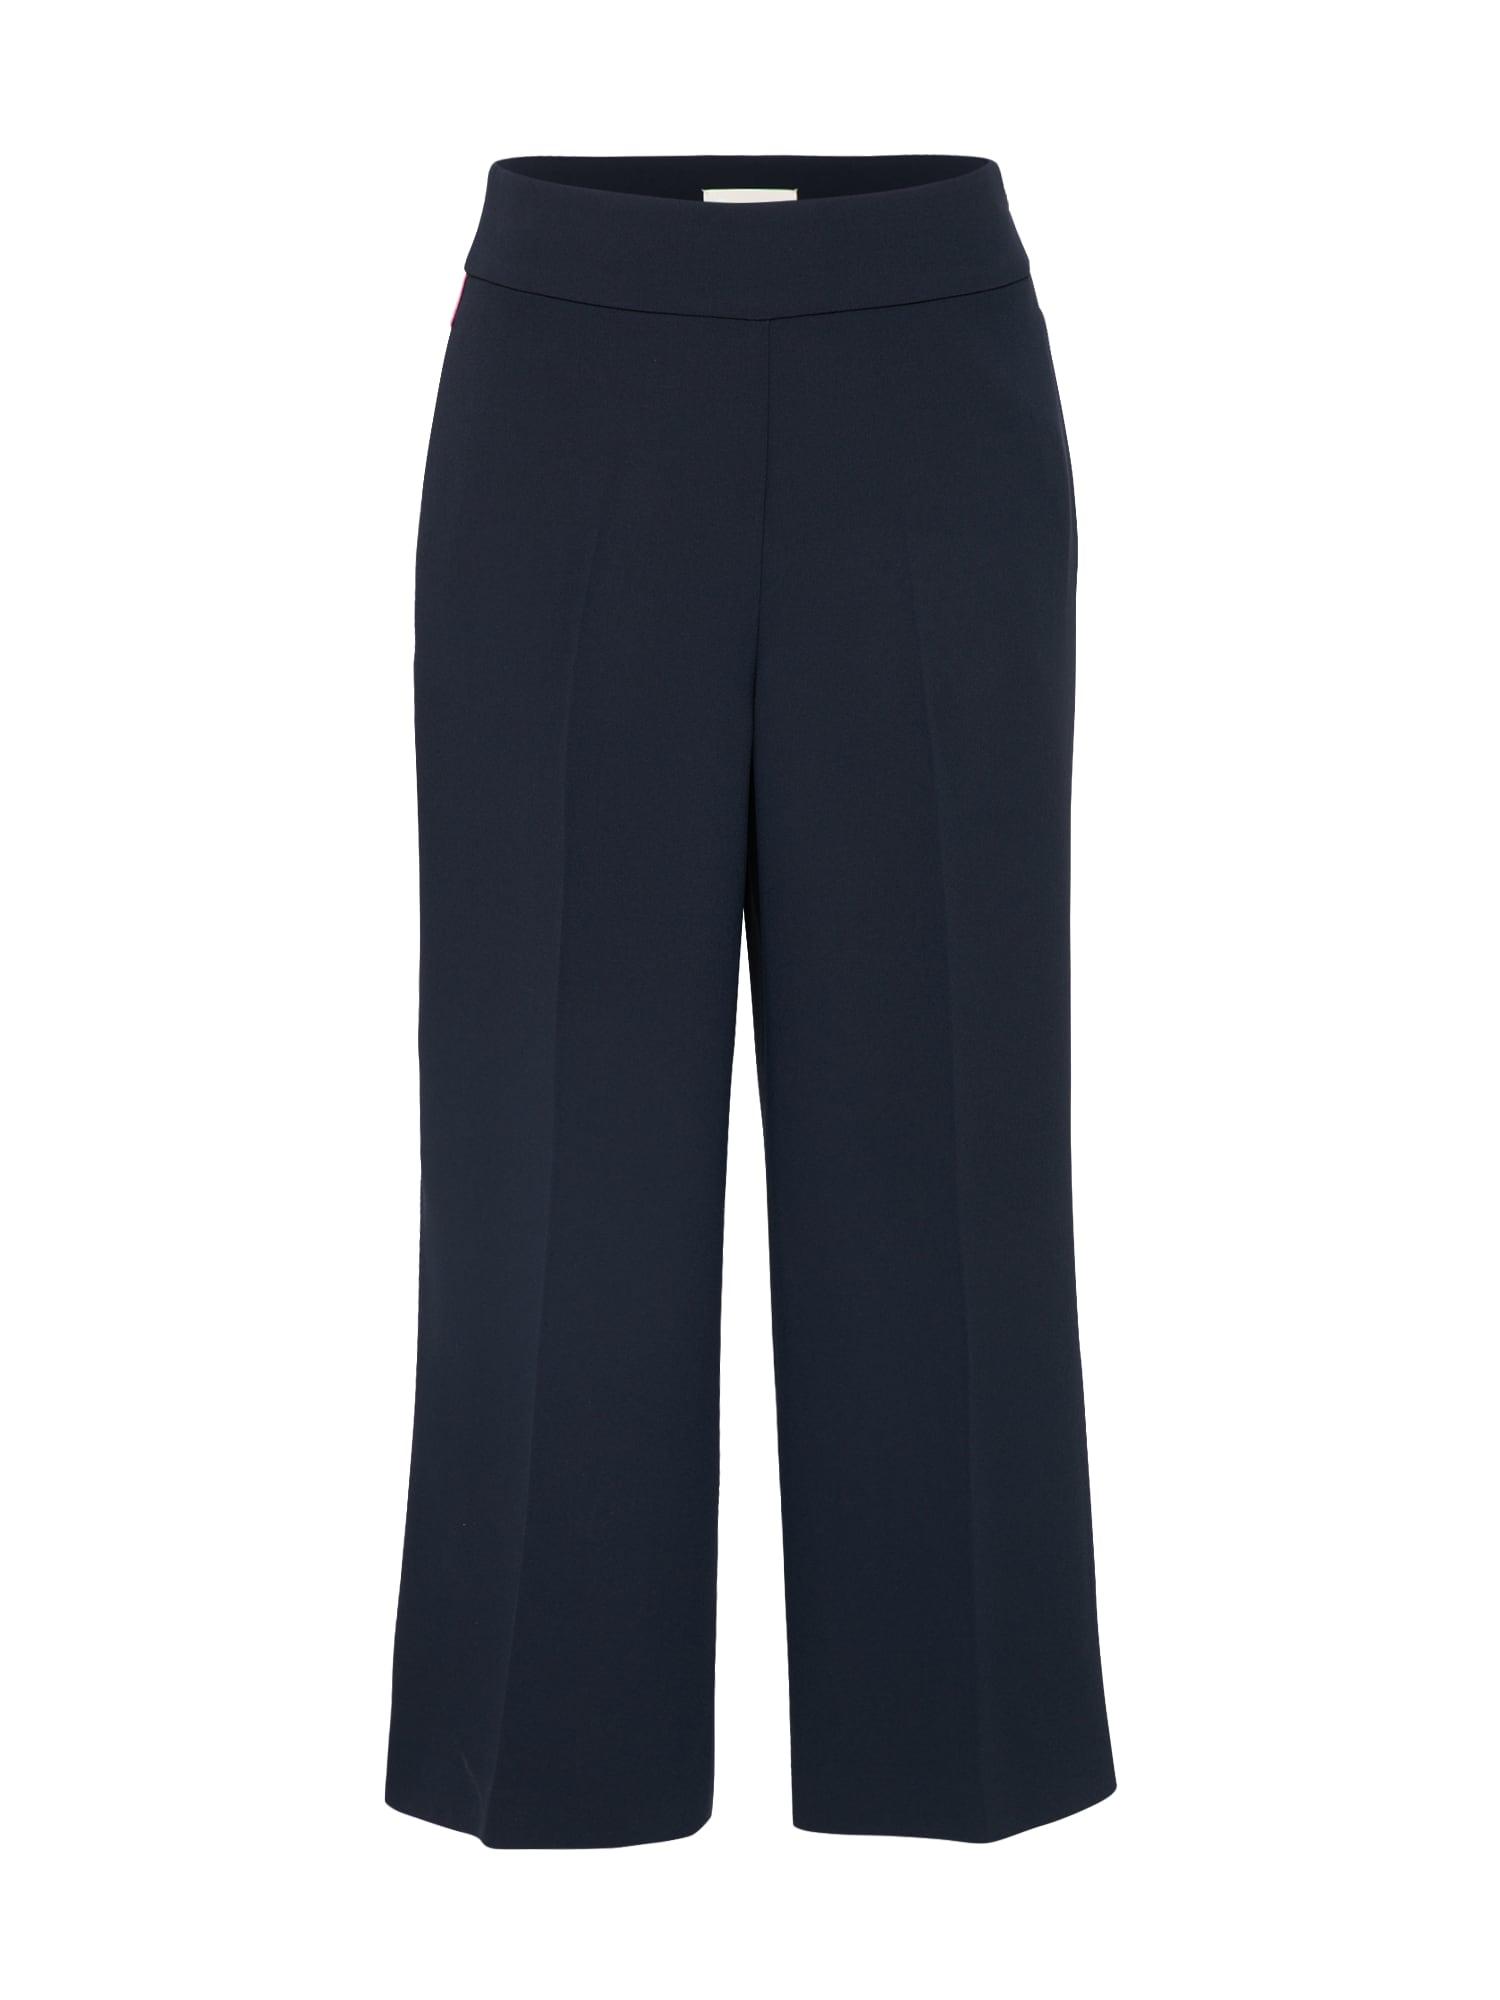 Kalhoty tmavě modrá pink Talkabout